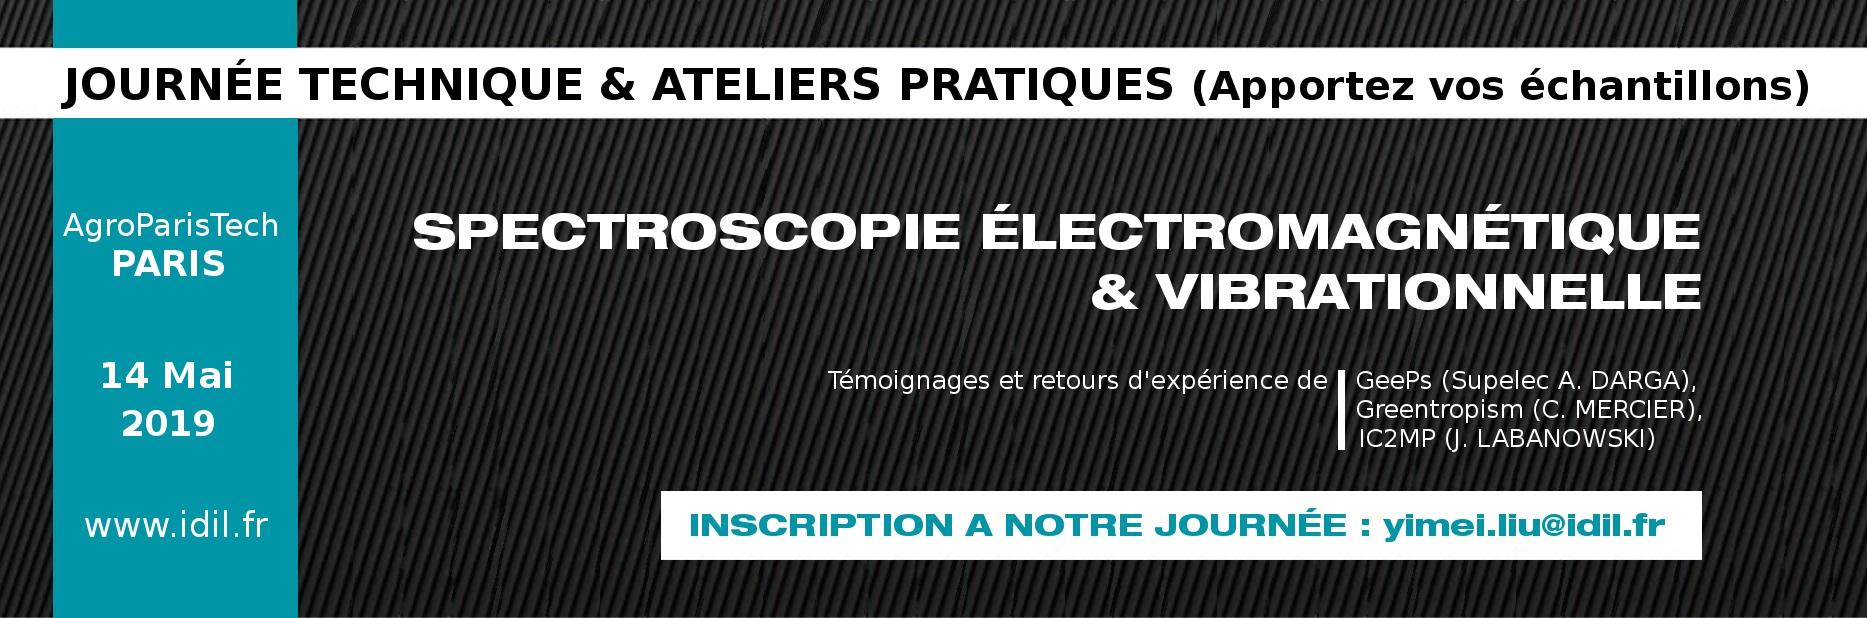 journée technique et ateliers pratiques spectroscopie électromagnétique et vibrationnelle